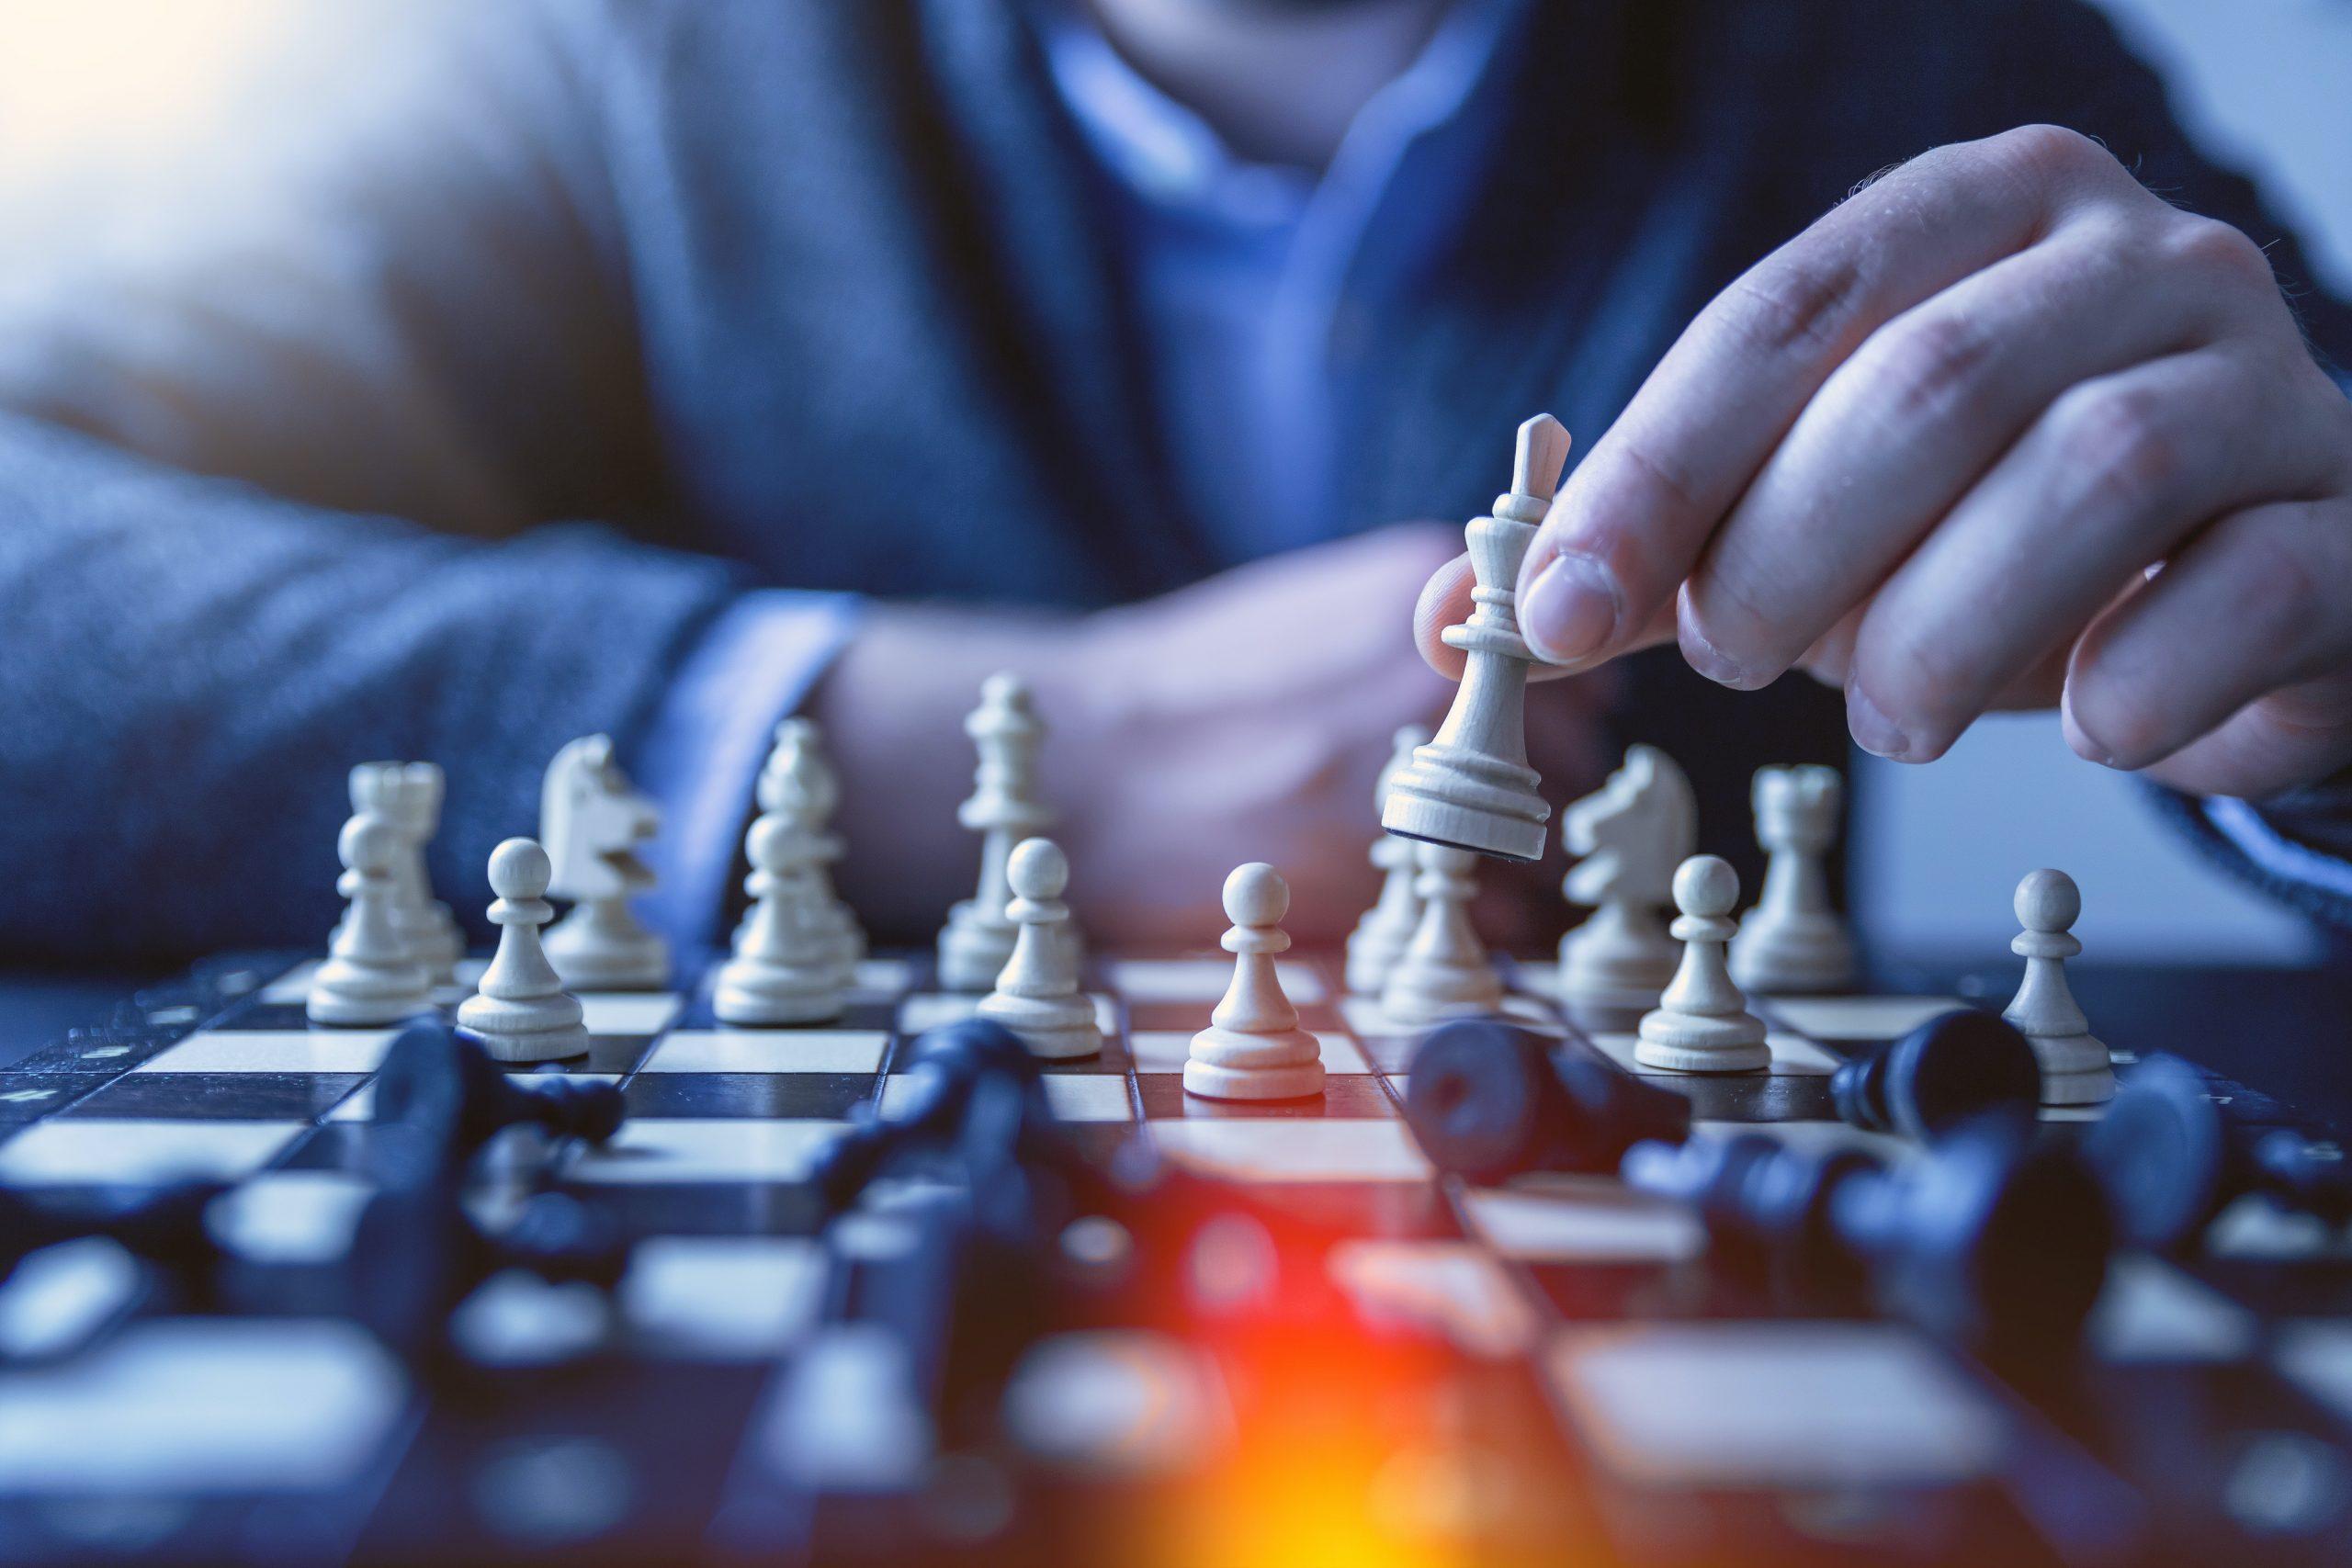 بازار سرمایه و دلایل موفقیت سرمایه گذاران